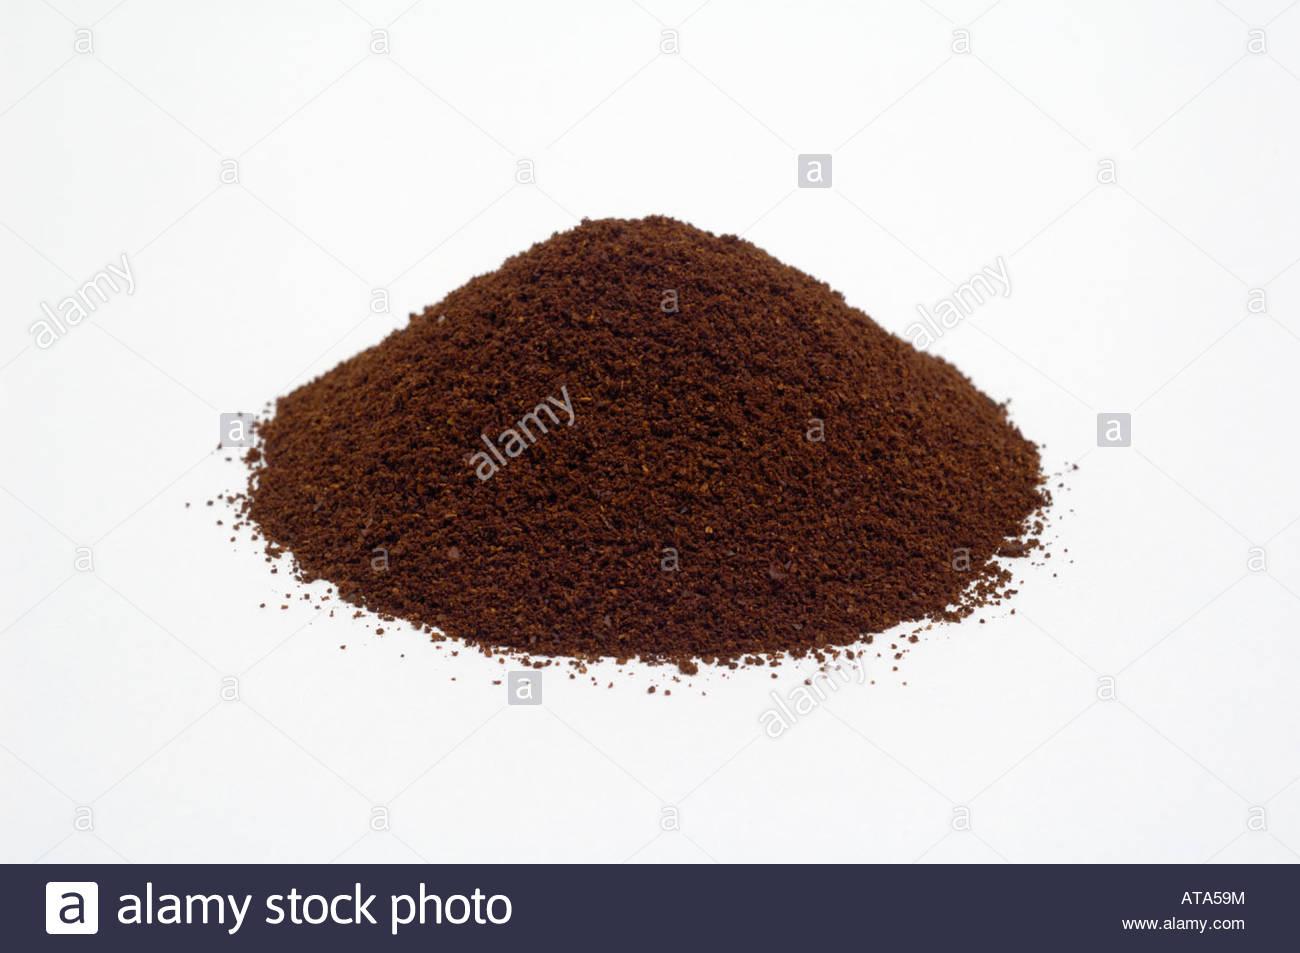 Cumulo di tostato macinato in polvere di caffè su sfondo bianco Immagini Stock